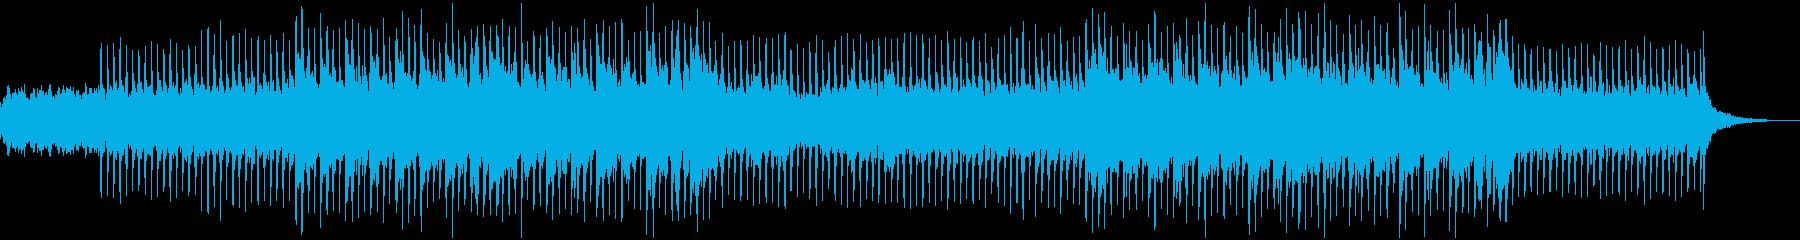 クライマックスへ向かう緊迫感のエレクトロの再生済みの波形